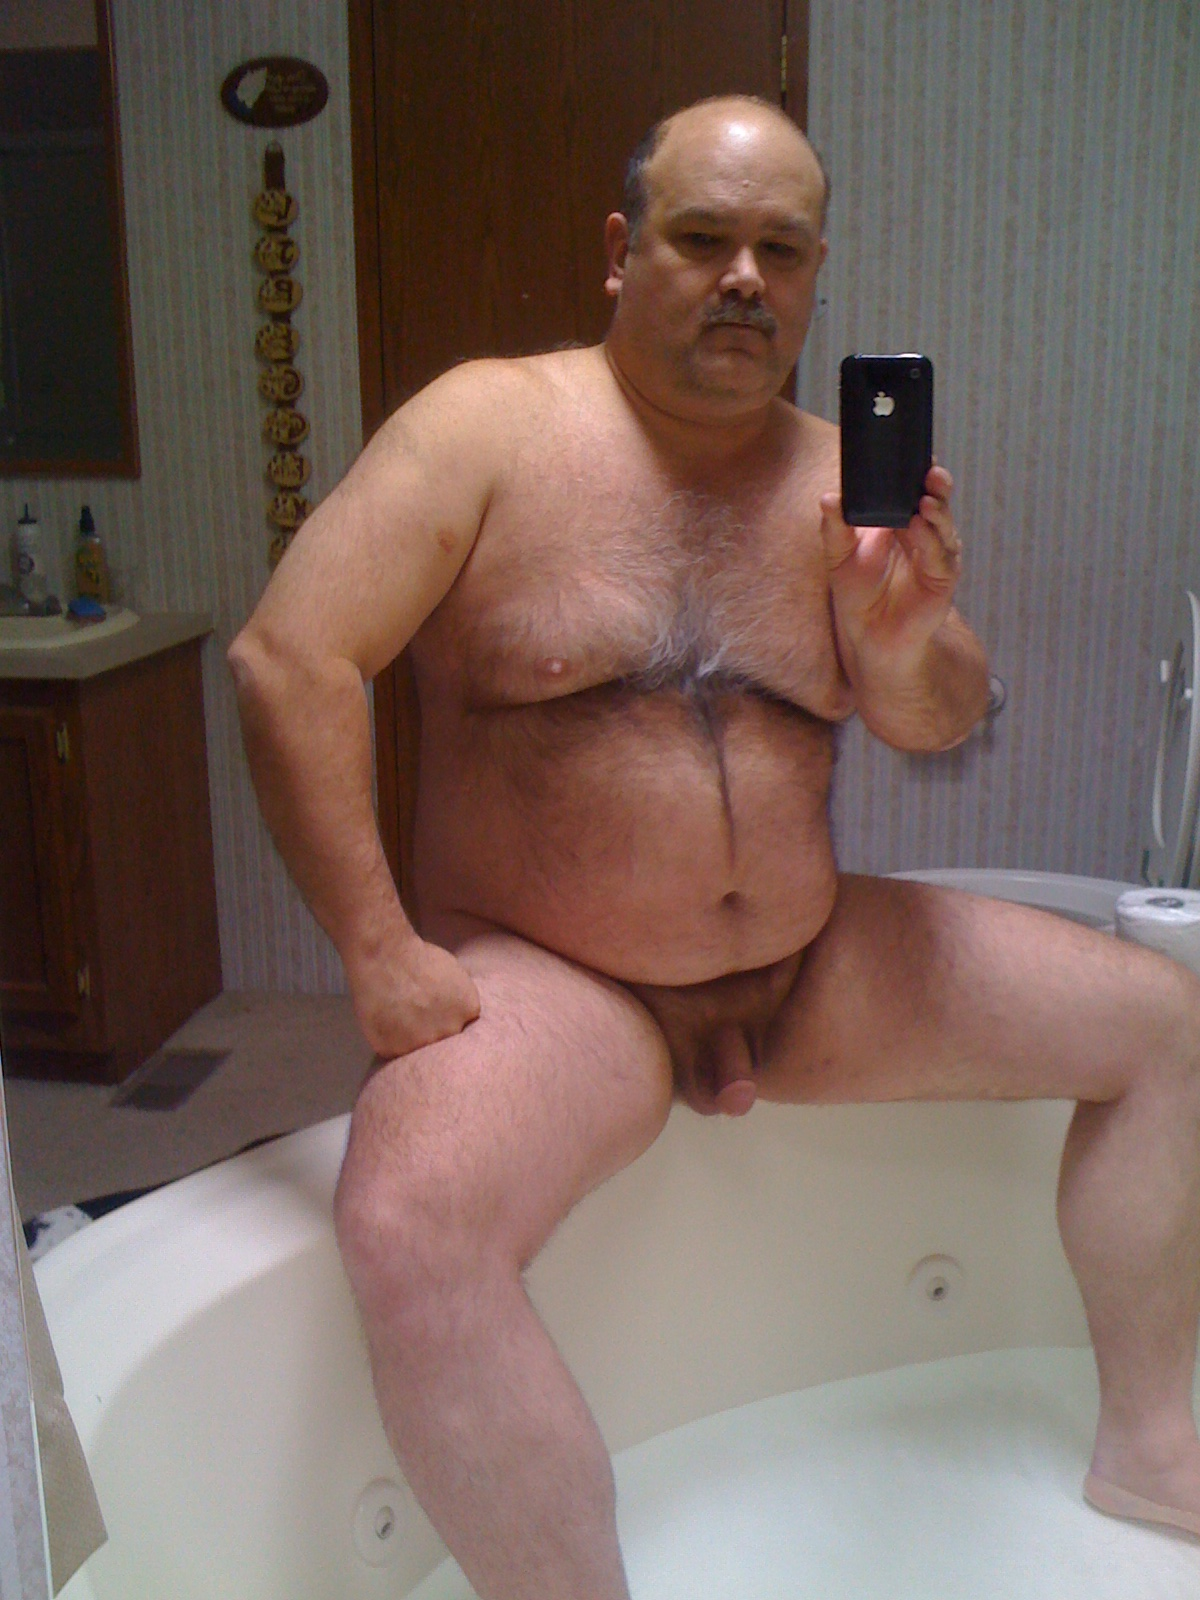 Hot old men nude wallpaper erotica video